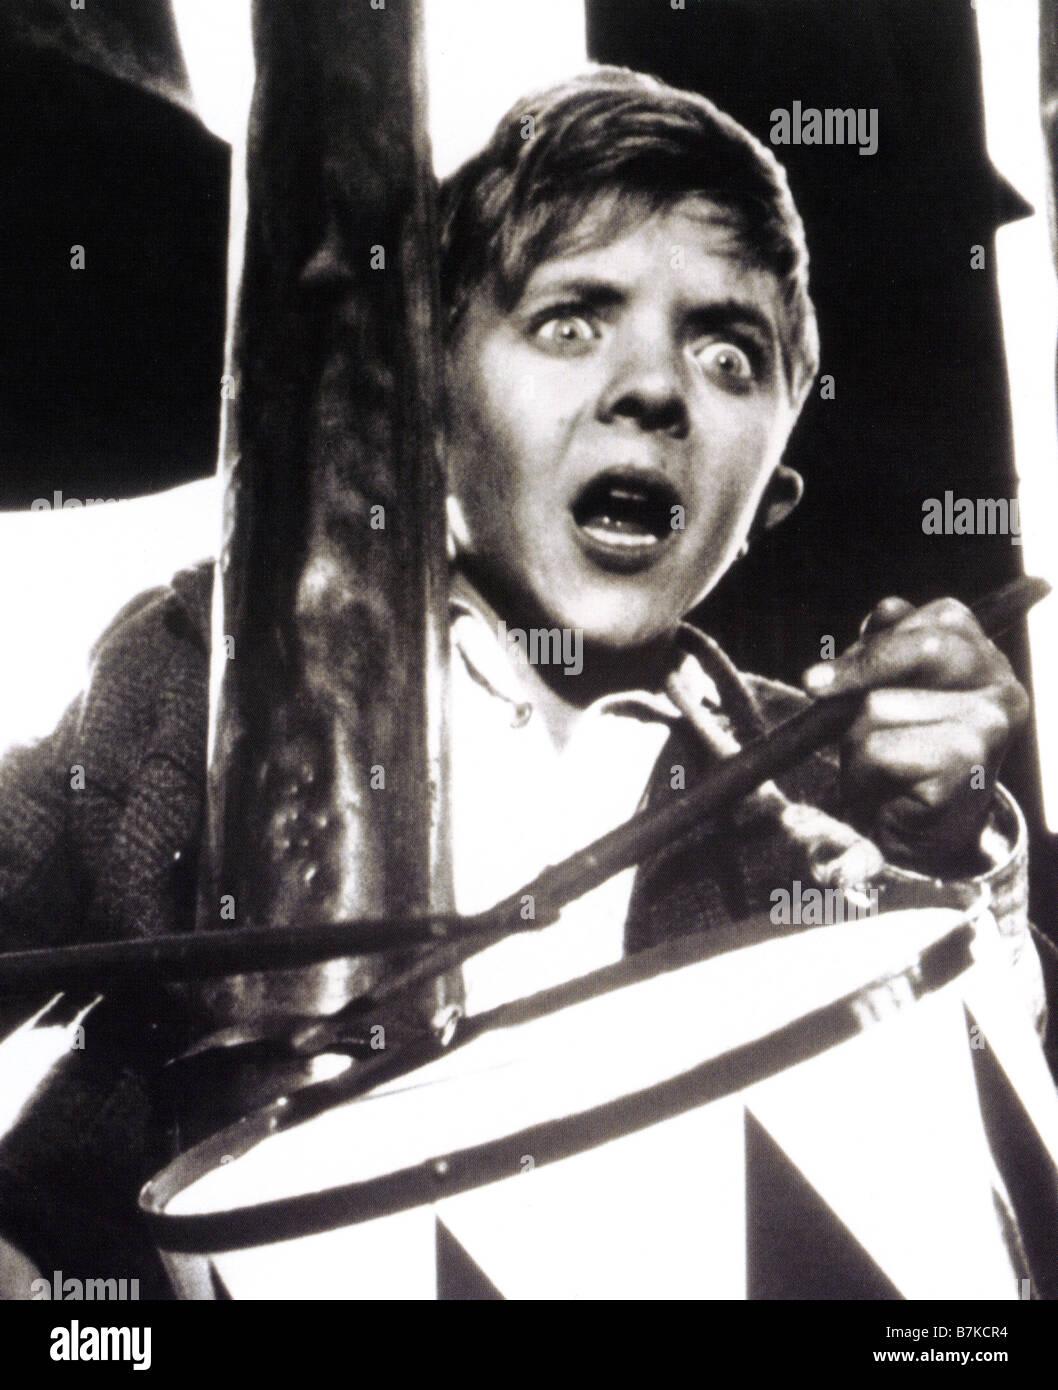 Il Tamburo Di Latta.Il Tamburo Di Latta 1979 Ua Film Basato Sul Romanzo Di Gunther Grass